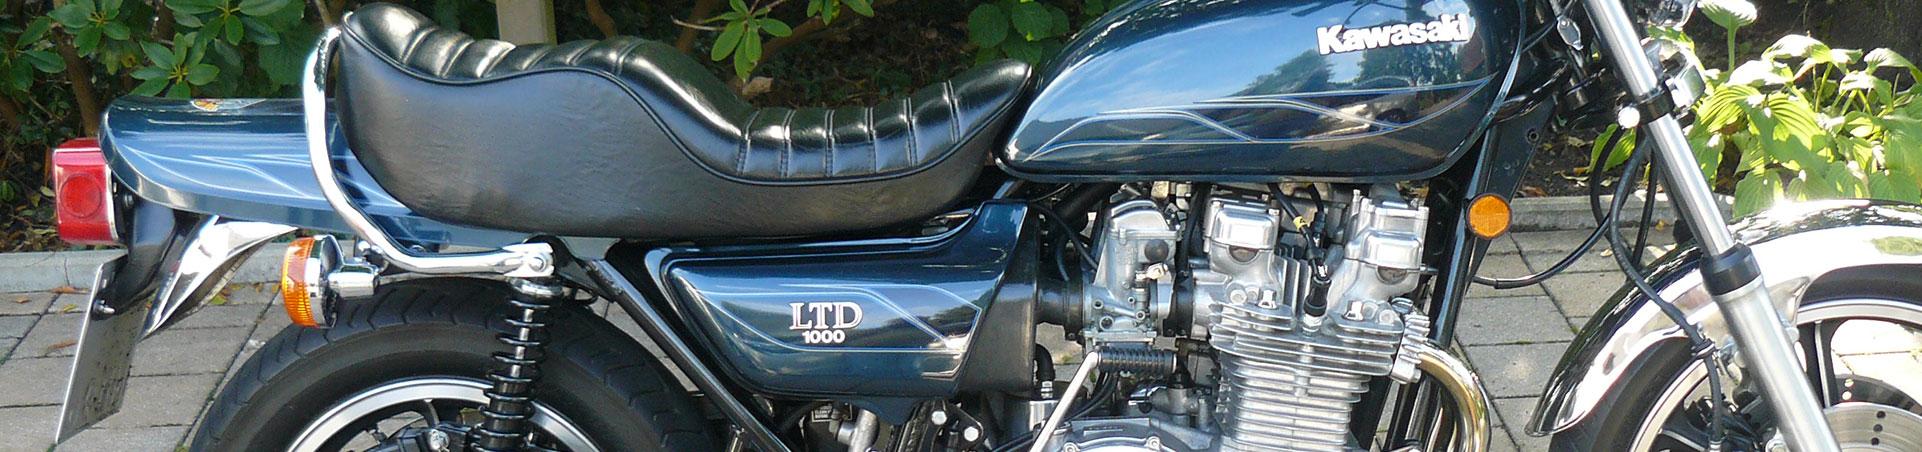 Titelbild-Z-1000-LTD-1979_06-01-2021_4b0b6